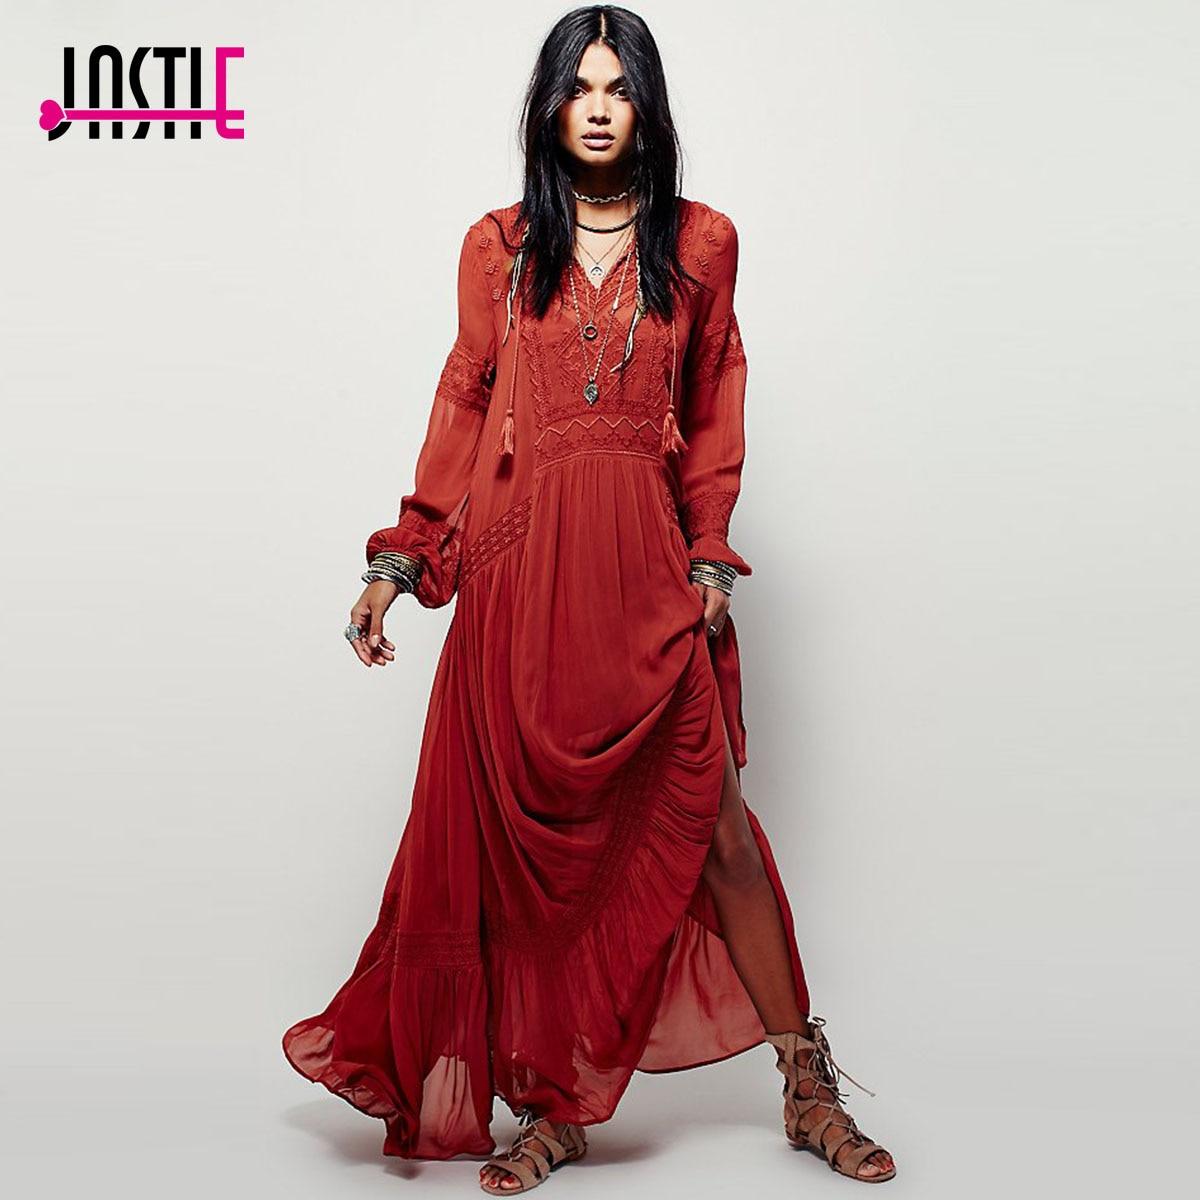 Jastie для женщин платья для Элегантные Дамы Винтаж с длинным рукавом Embroideried оранжевый красный платье макси Vestidos Femininos Boho Стиль 2017